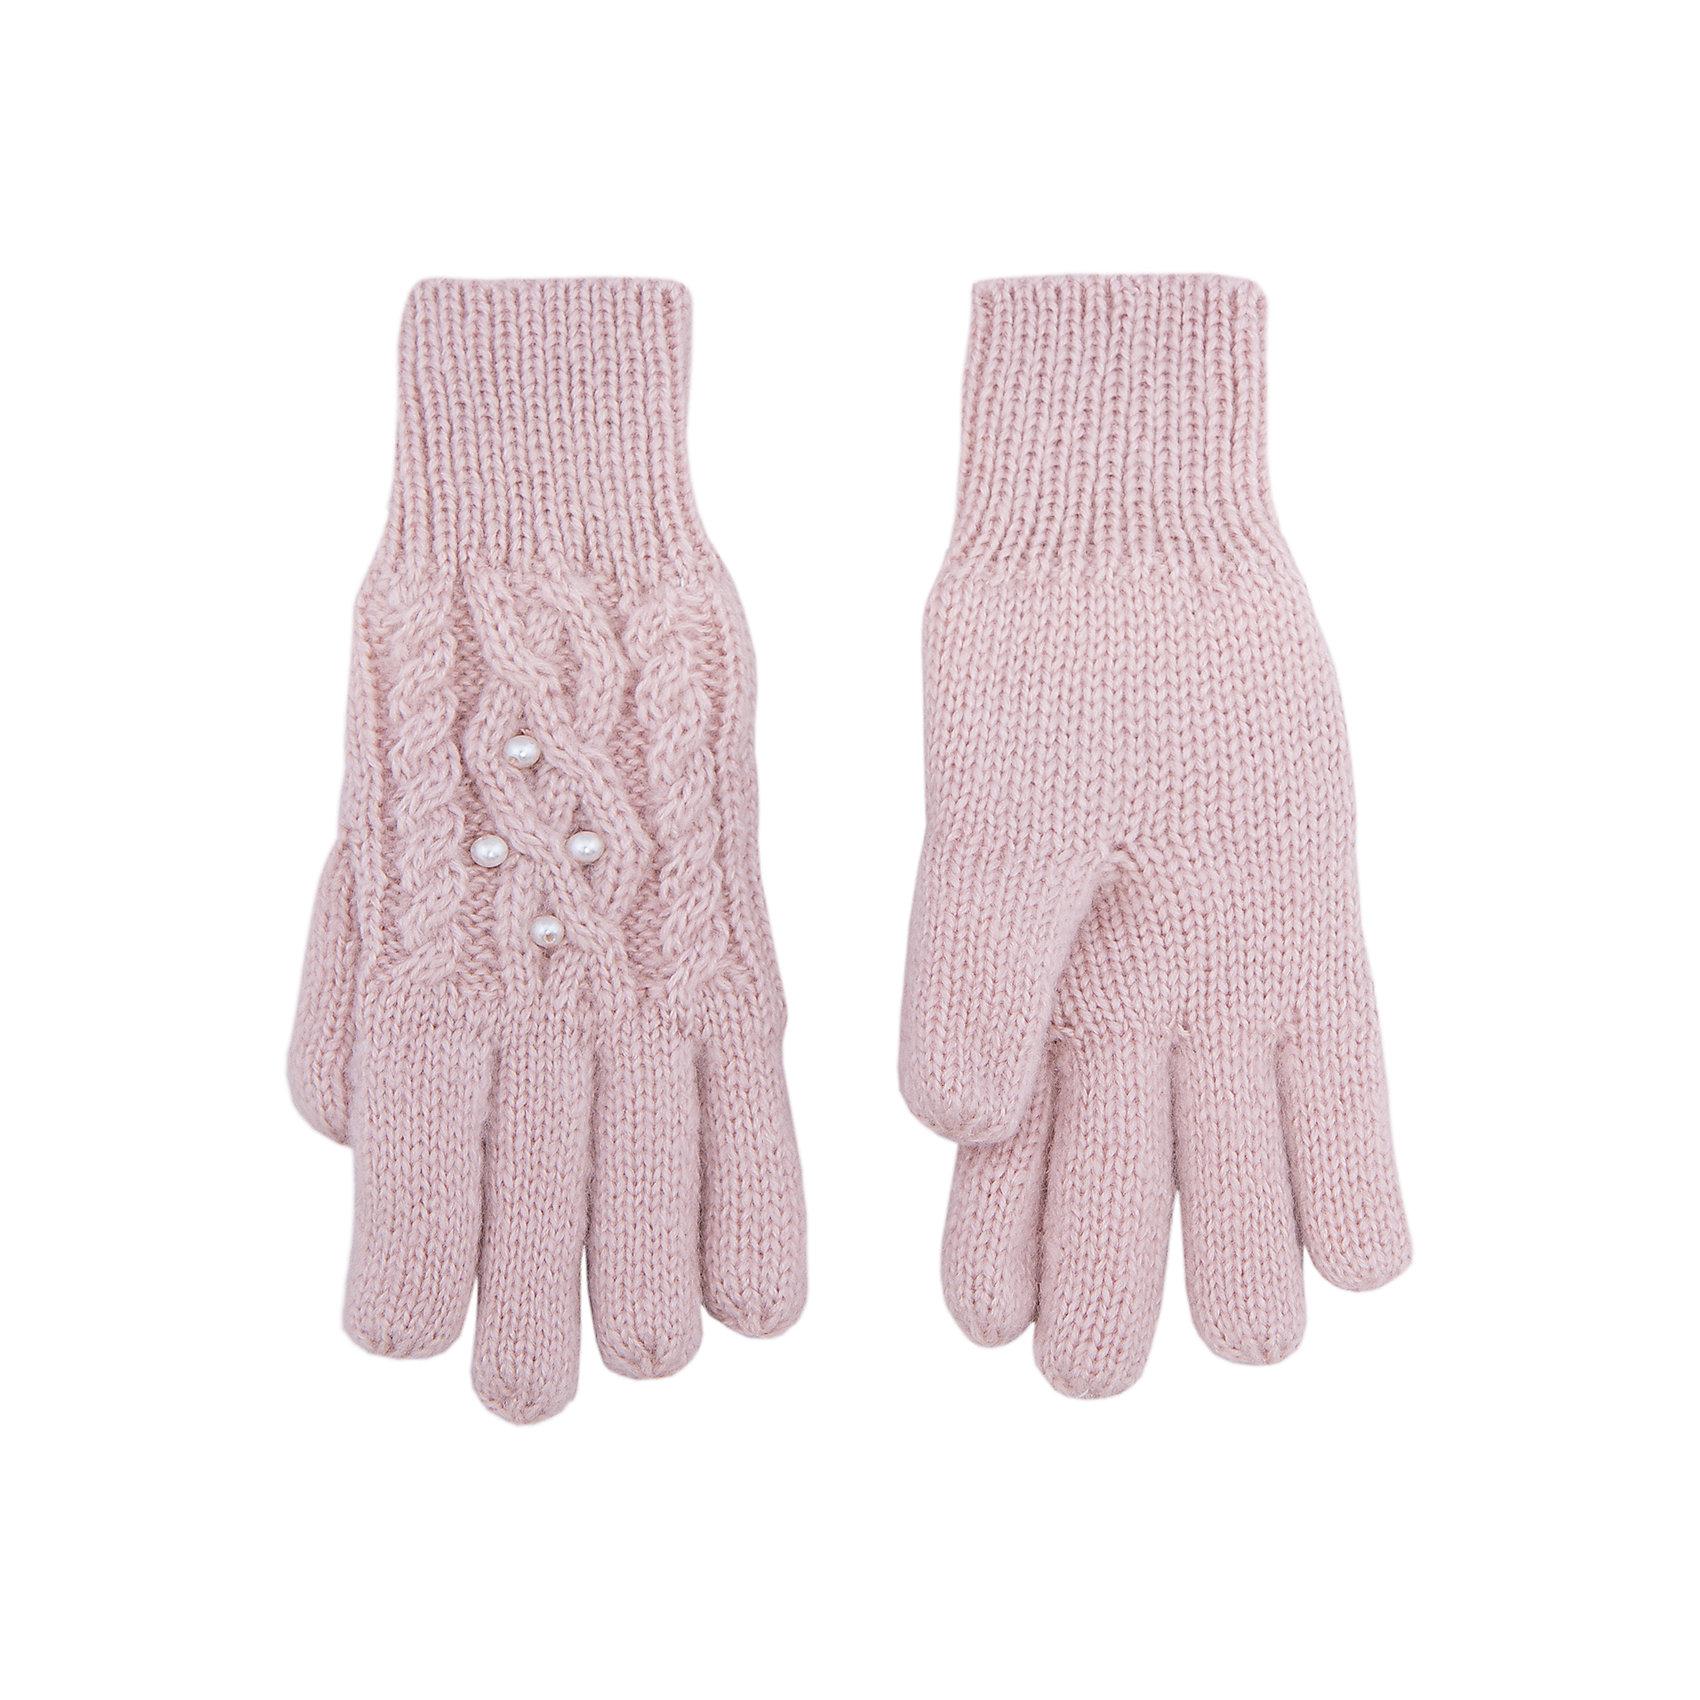 Перчатки для девочки SELAПерчатки, варежки<br>Удобные теплые перчатки - незаменимая вещь в прохладное время года. Эта модель отлично сидит на ребенке, она сделана из плотного материала, позволяет гулять с комфортом на свежем воздухе зимой. Качественная пряжа не вызывает аллергии и обеспечивает ребенку комфорт. Модель будет уместна в различных сочетаниях.<br>Одежда от бренда Sela (Села) - это качество по приемлемым ценам. Многие российские родители уже оценили преимущества продукции этой компании и всё чаще приобретают одежду и аксессуары Sela.<br><br>Дополнительная информация:<br><br>украшены бусинами;<br>материал: 100% акрил; подкладка:100% ПЭ;<br>вязаный узор.<br><br>Перчатки для девочки от бренда Sela можно купить в нашем интернет-магазине.<br><br>Ширина мм: 162<br>Глубина мм: 171<br>Высота мм: 55<br>Вес г: 119<br>Цвет: розовый<br>Возраст от месяцев: 60<br>Возраст до месяцев: 72<br>Пол: Женский<br>Возраст: Детский<br>Размер: 3,16<br>SKU: 5020150